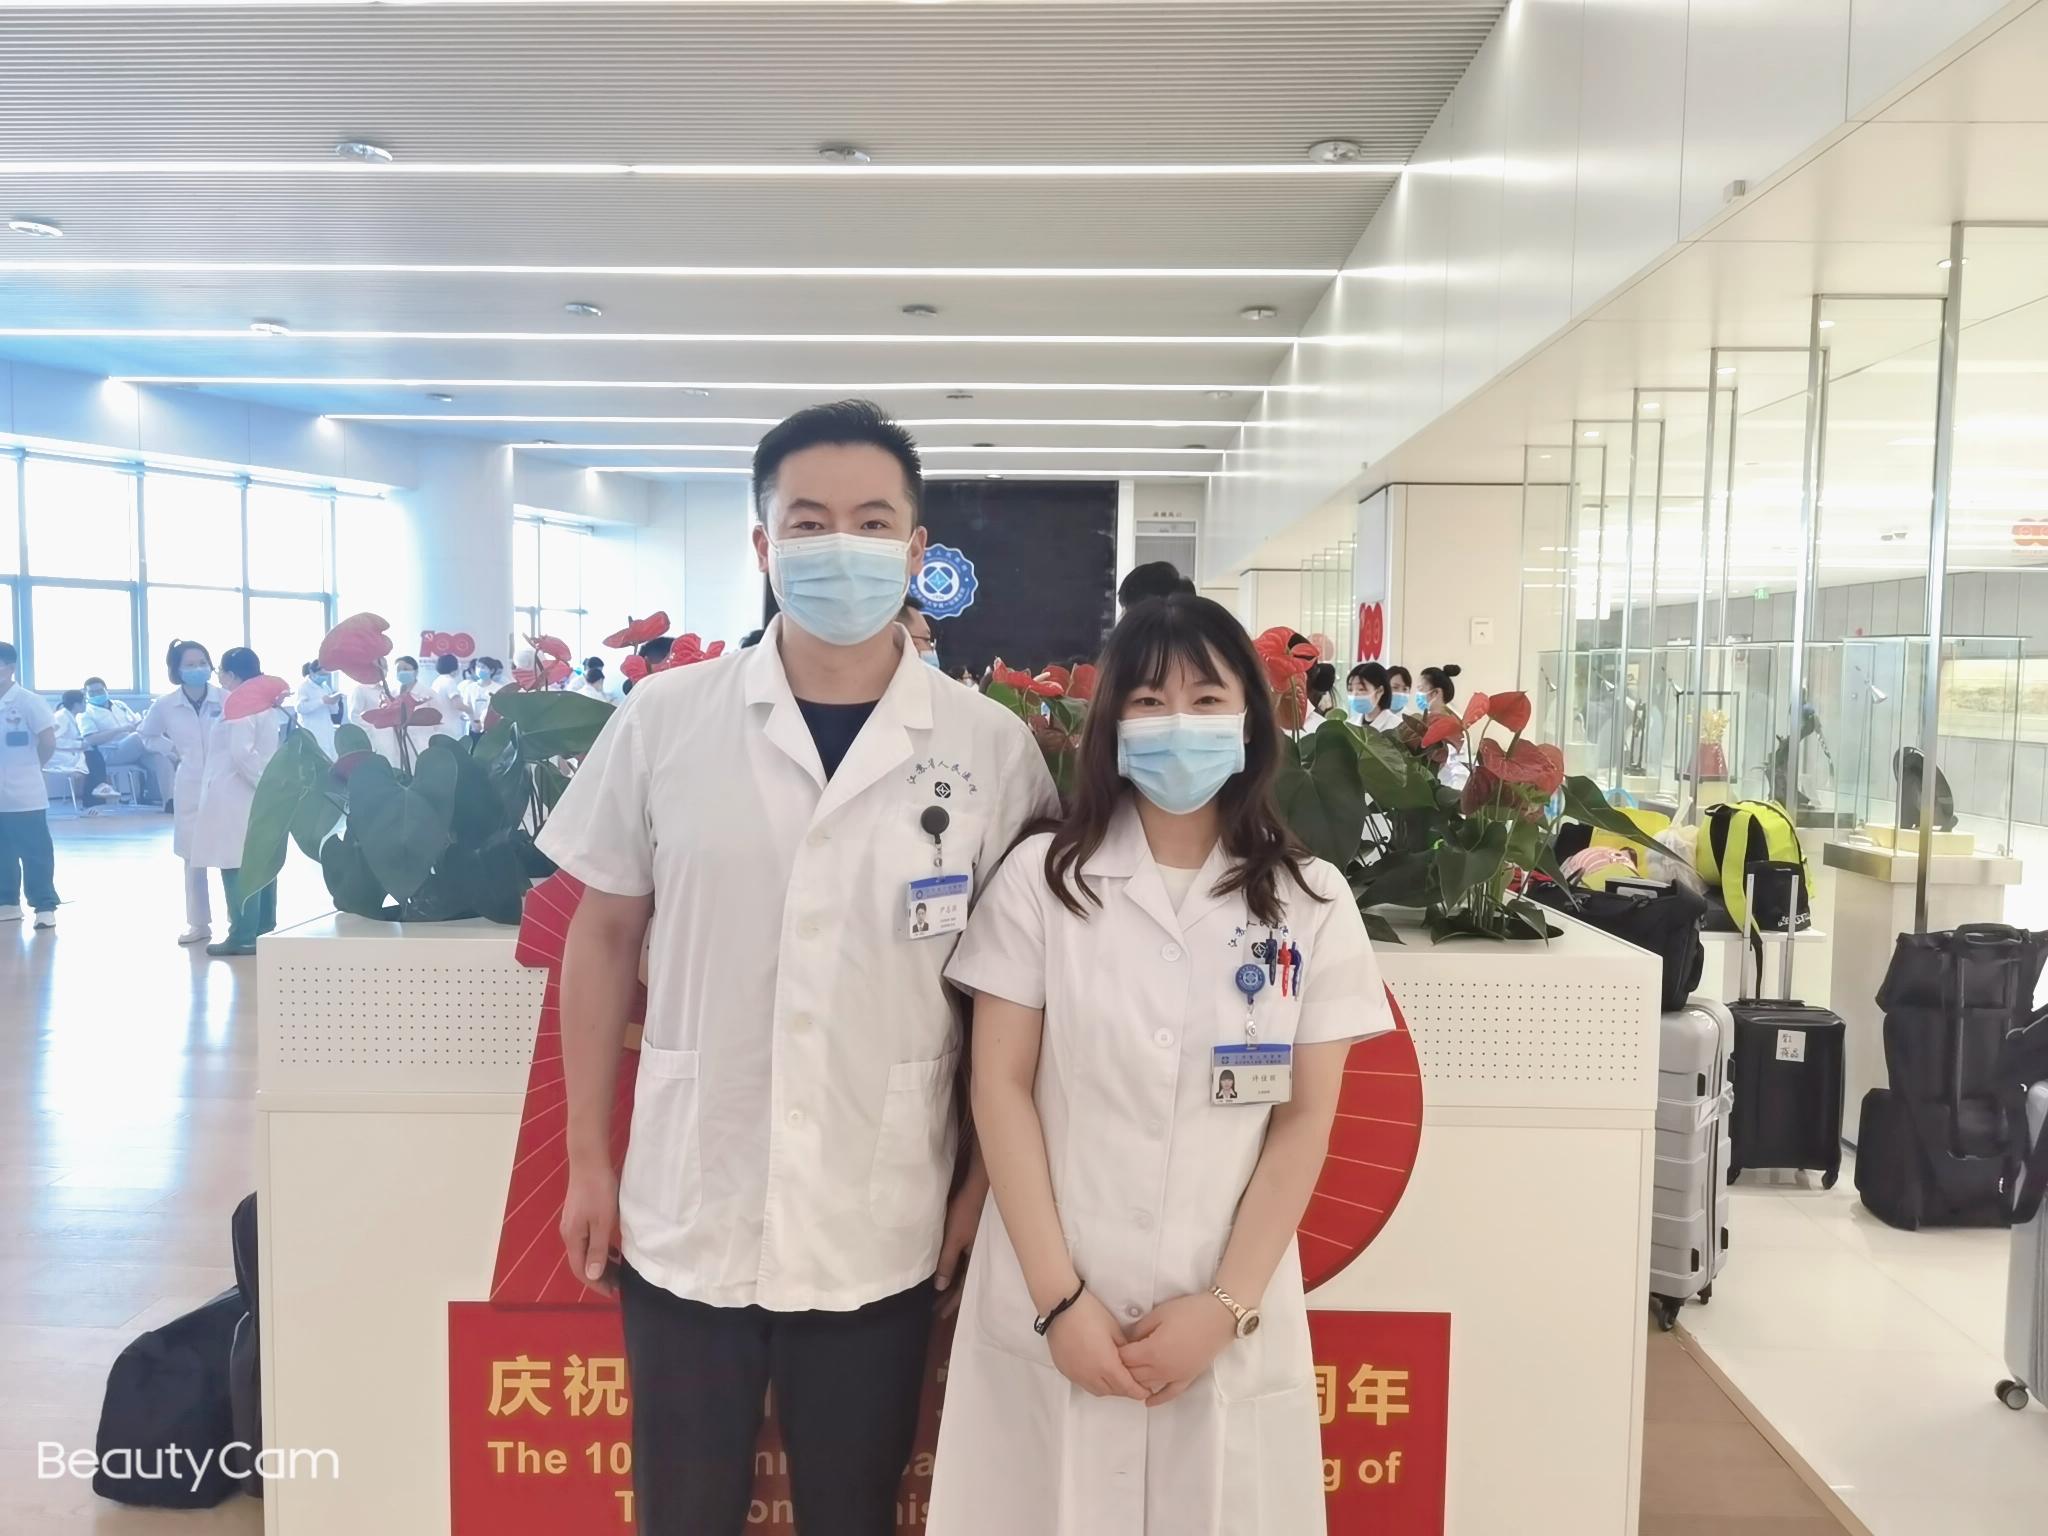 尹志强许佳丽夫妇。 江苏省人民医院 供图